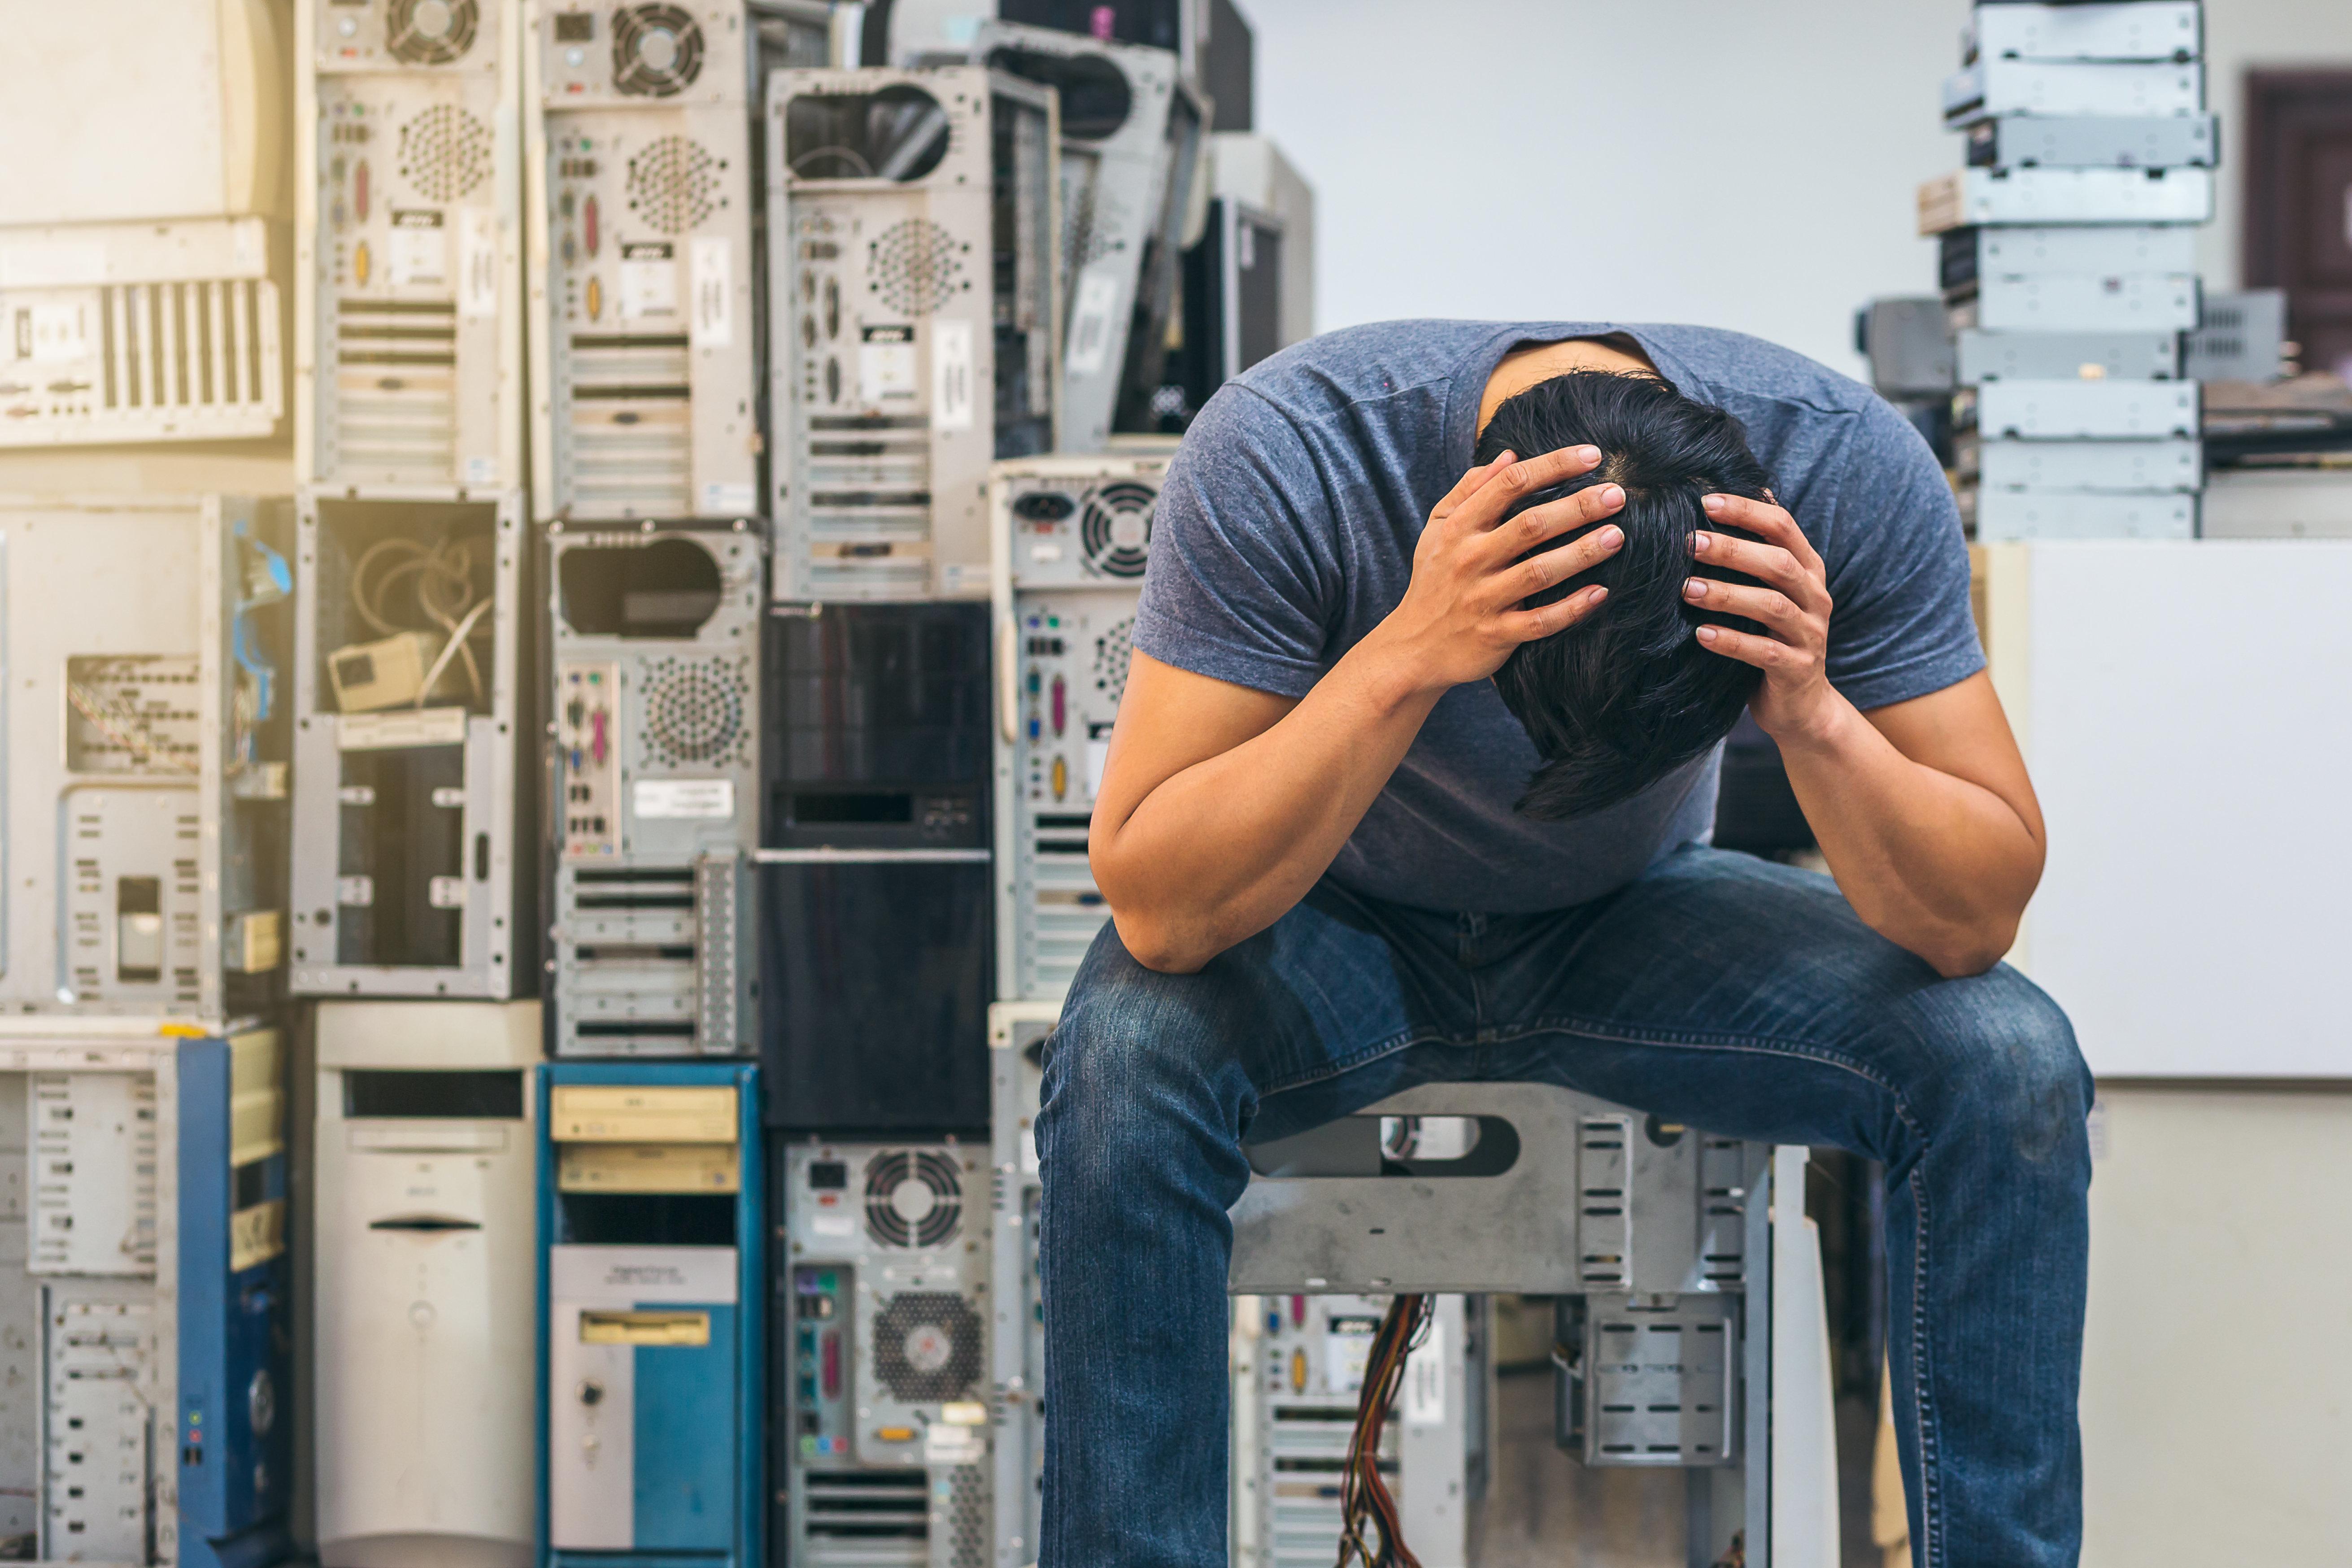 Αντρες αποκαλύπτουν τις μεγαλύτερες δυσκολίες που αντιμετωπίζουν ως άντρες (και οι απαντήσεις μας